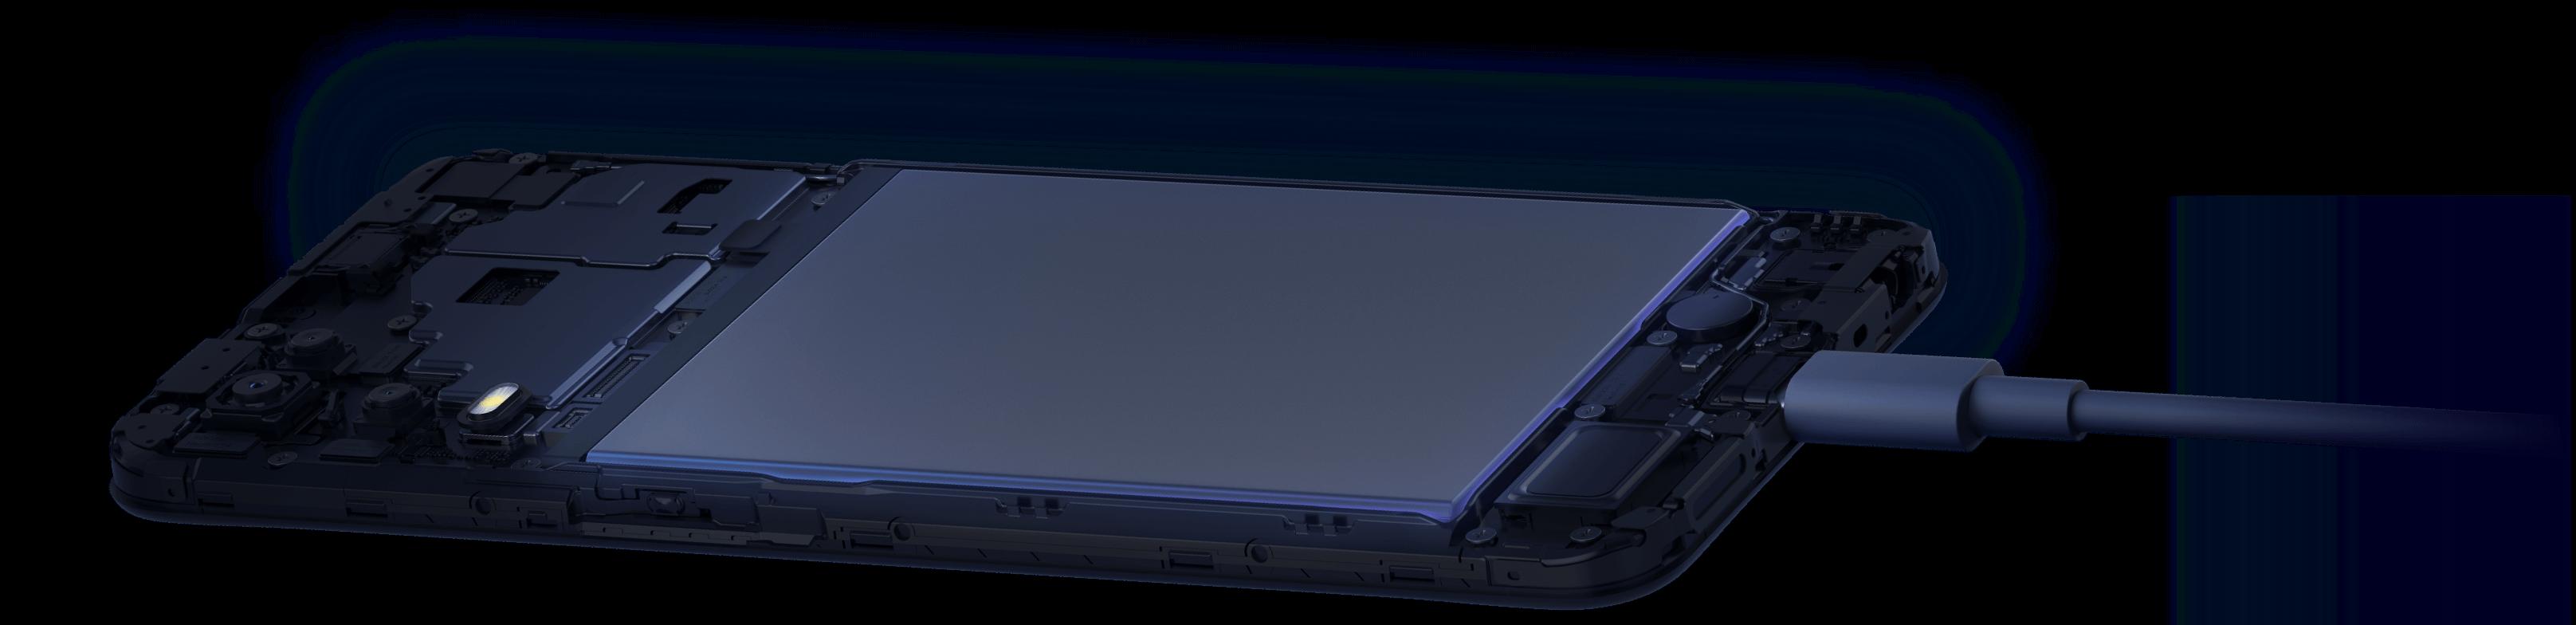 5000mAh Long-lasting Battery